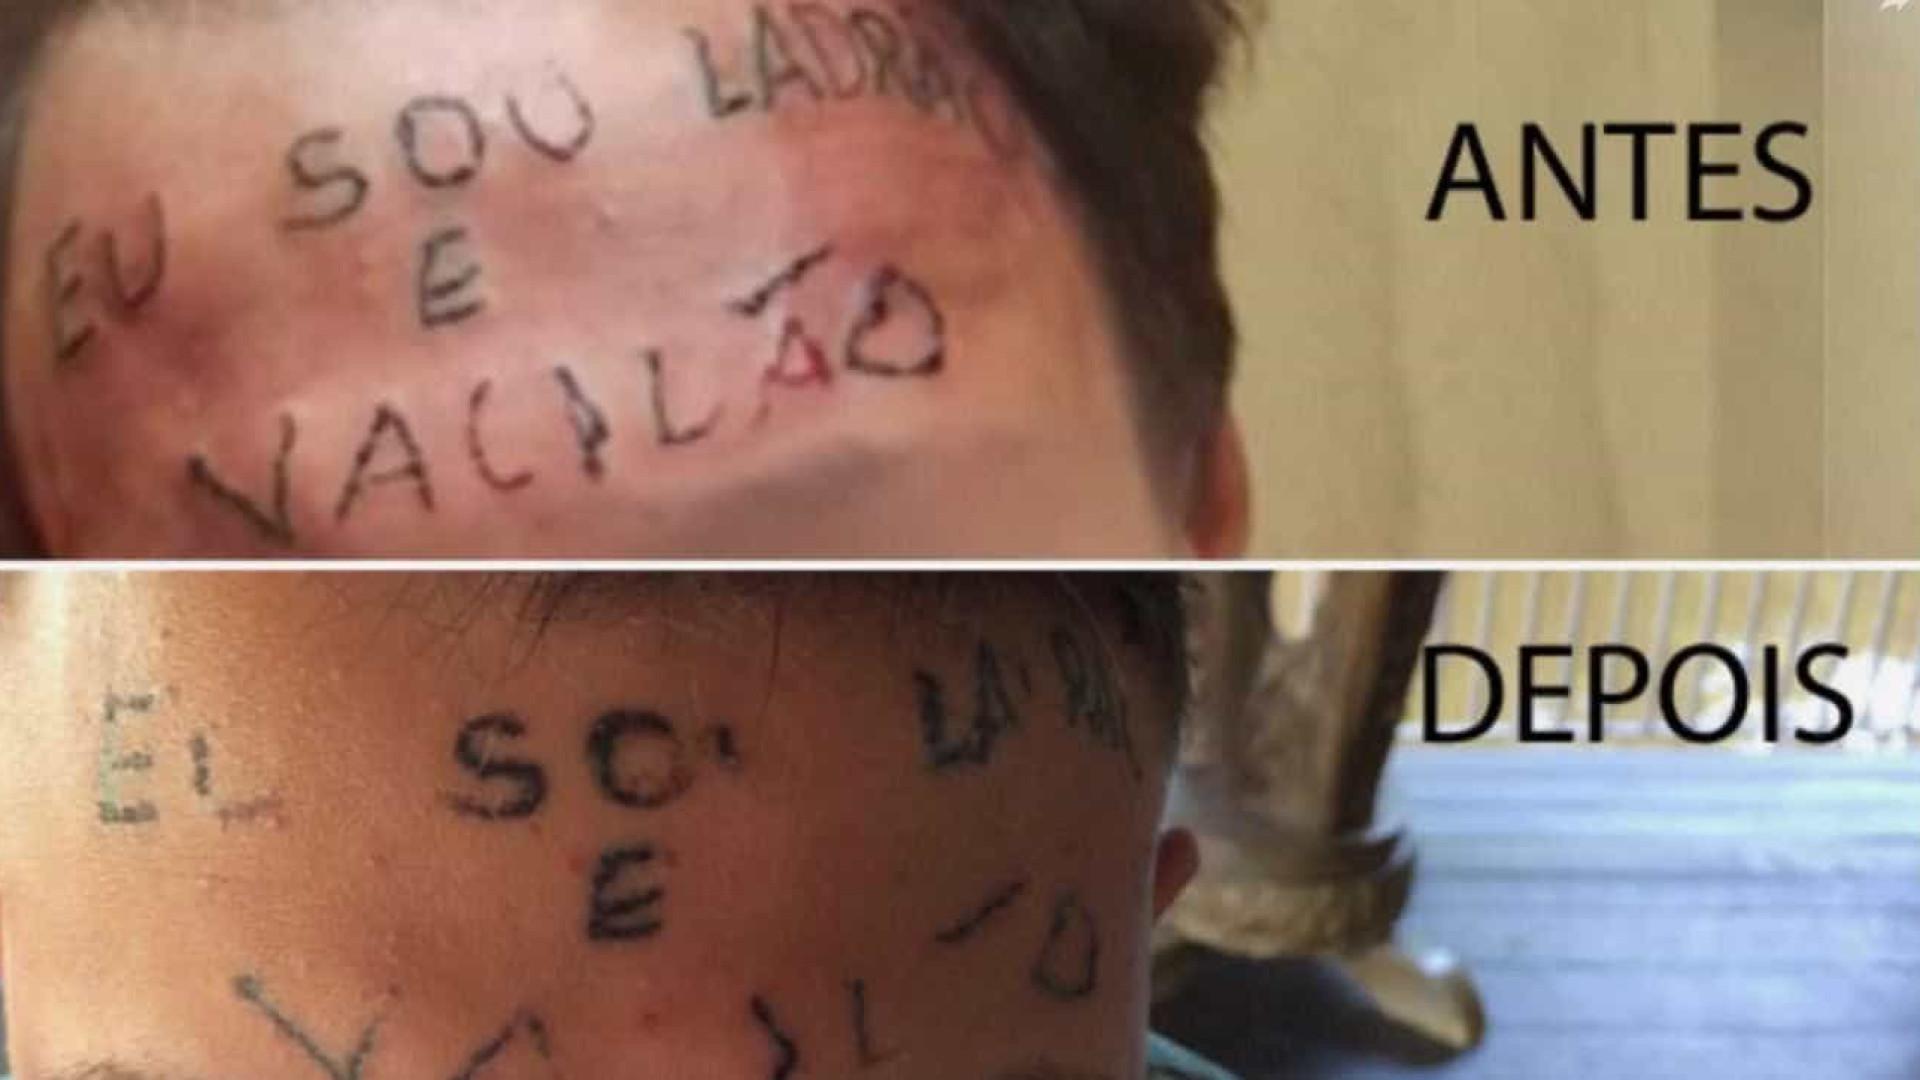 Jovem que foi tatuado na testa: 'não tenho vergonha de mim'